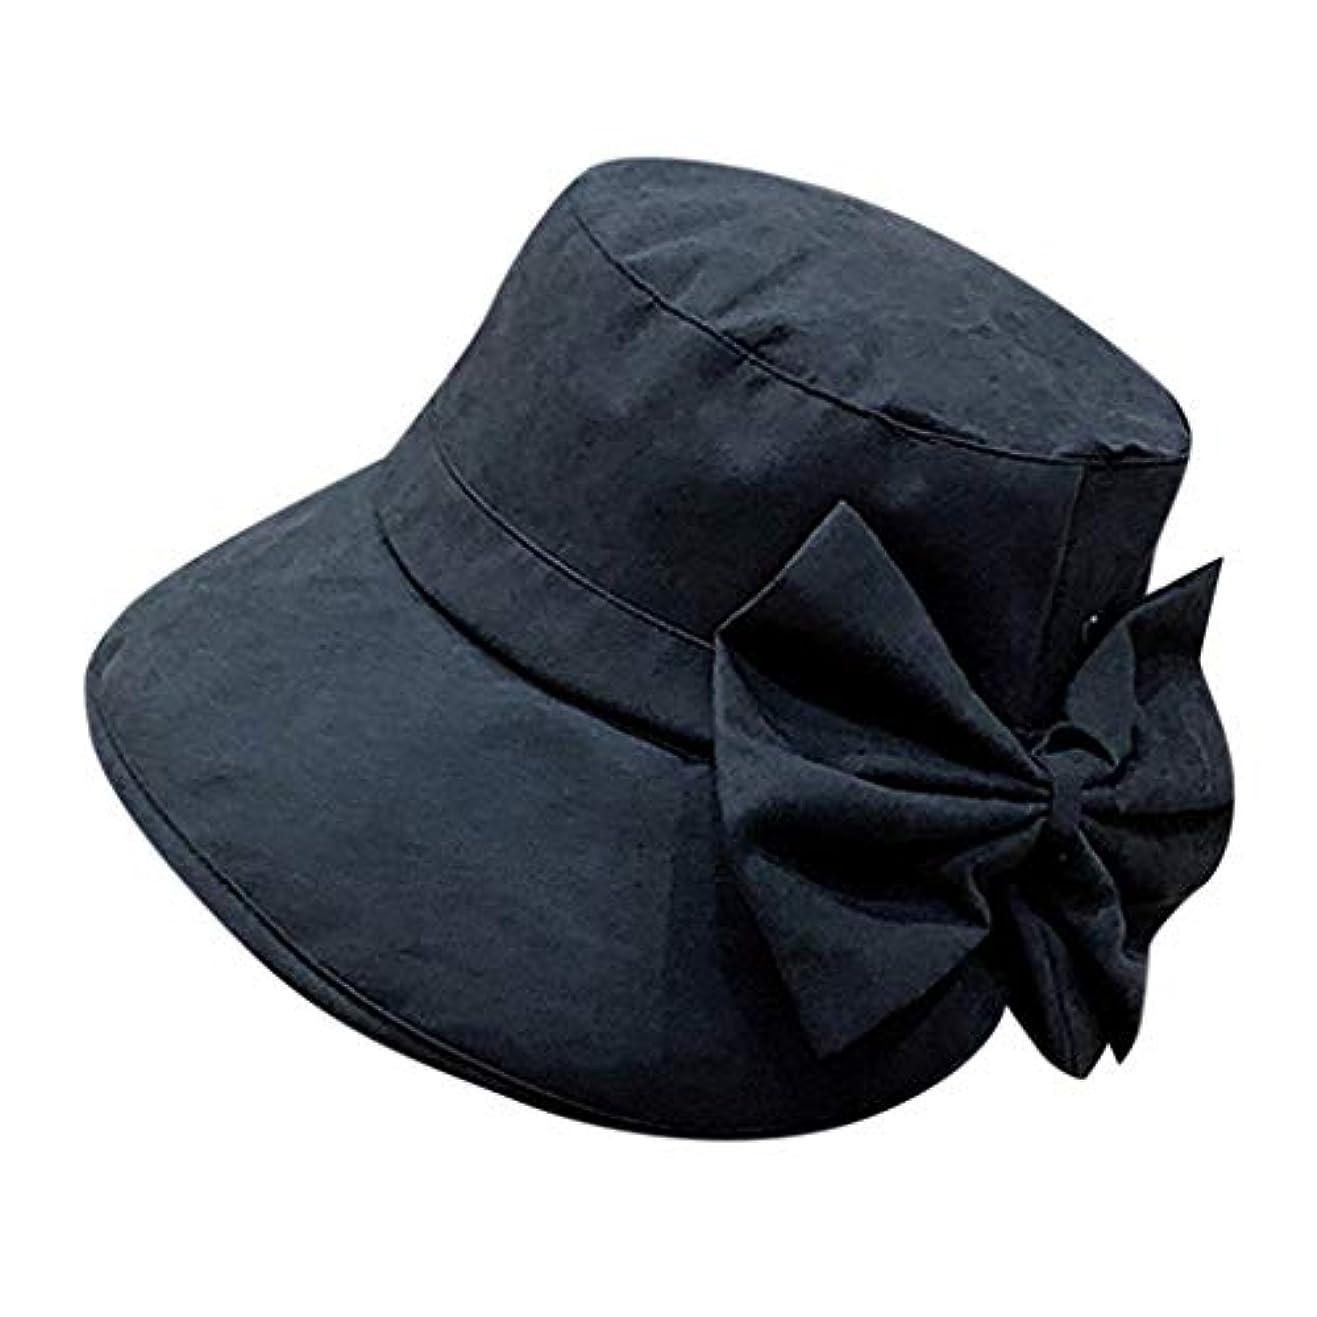 とげ振動させる箱女性 帽子 レディース UVカット ハット女の子 つば広い 漁師帽 女優帽 小顔効果 紫外線 対策 レディース 蝶結び UV 加工 リボン ハット ビーチ 日よけ テント ビーチサンダル ベレー帽 ROSE ROMAN